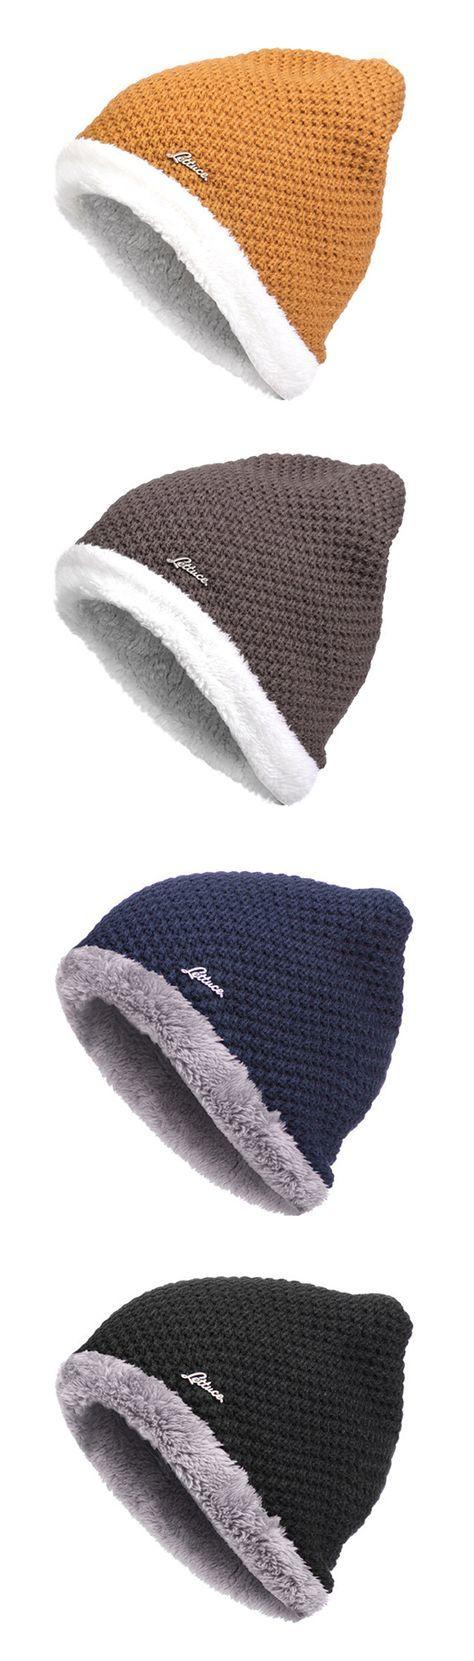 69 best Tra\'s hats images on Pinterest | Baseball caps, Baseball ...